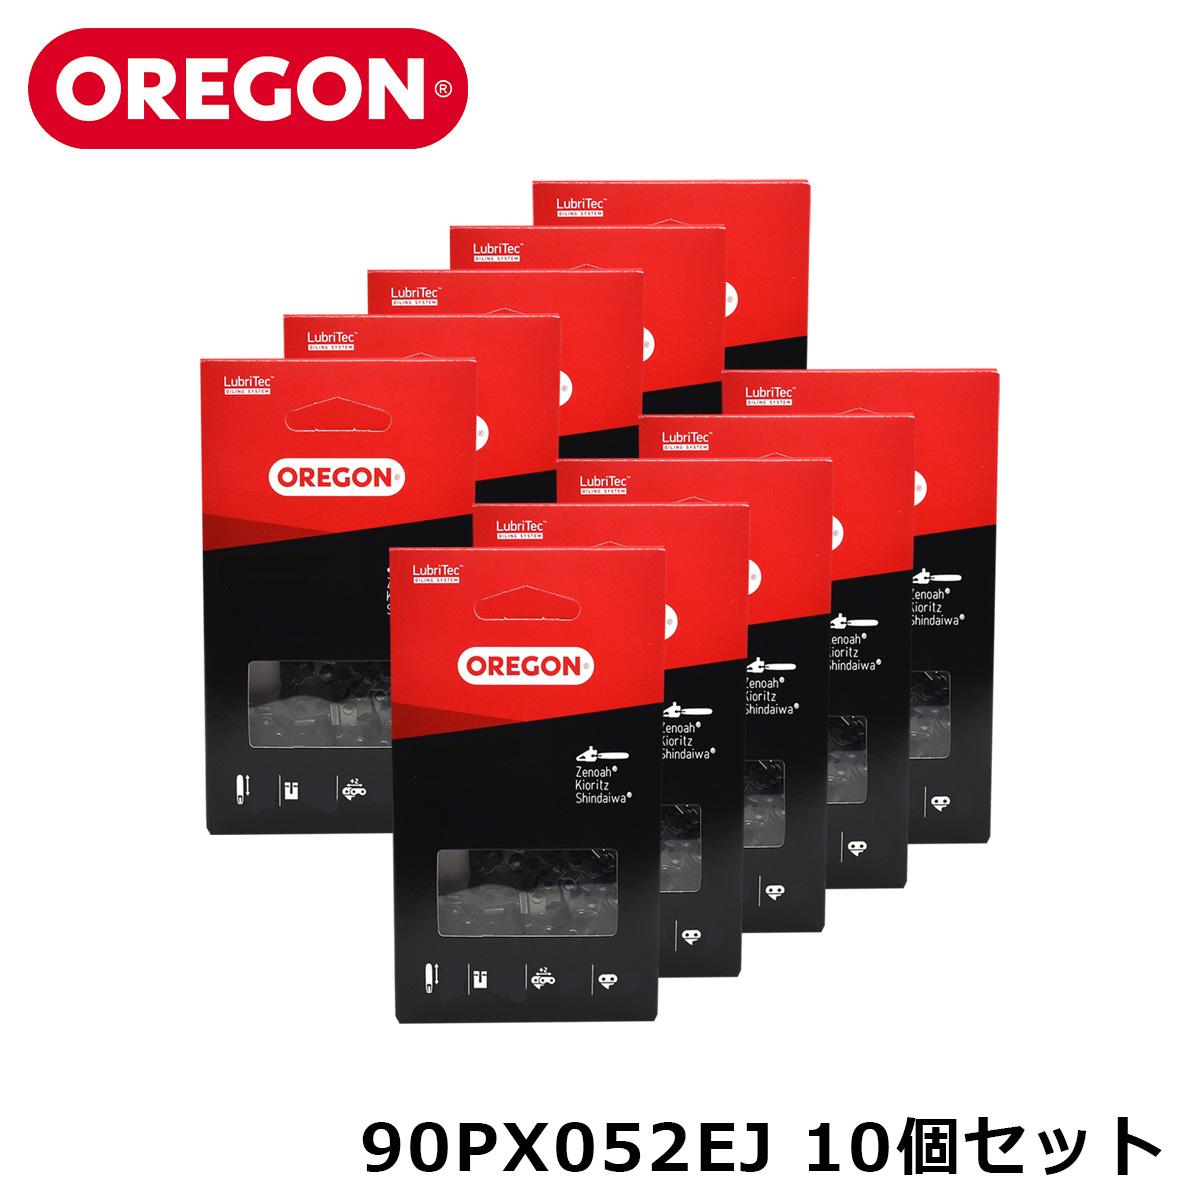 【10個セット】OREGON 90PX052EJ ソーチェーン 替刃 正規品 パーツ チェンソー 90PX アドバンスカット オレゴン